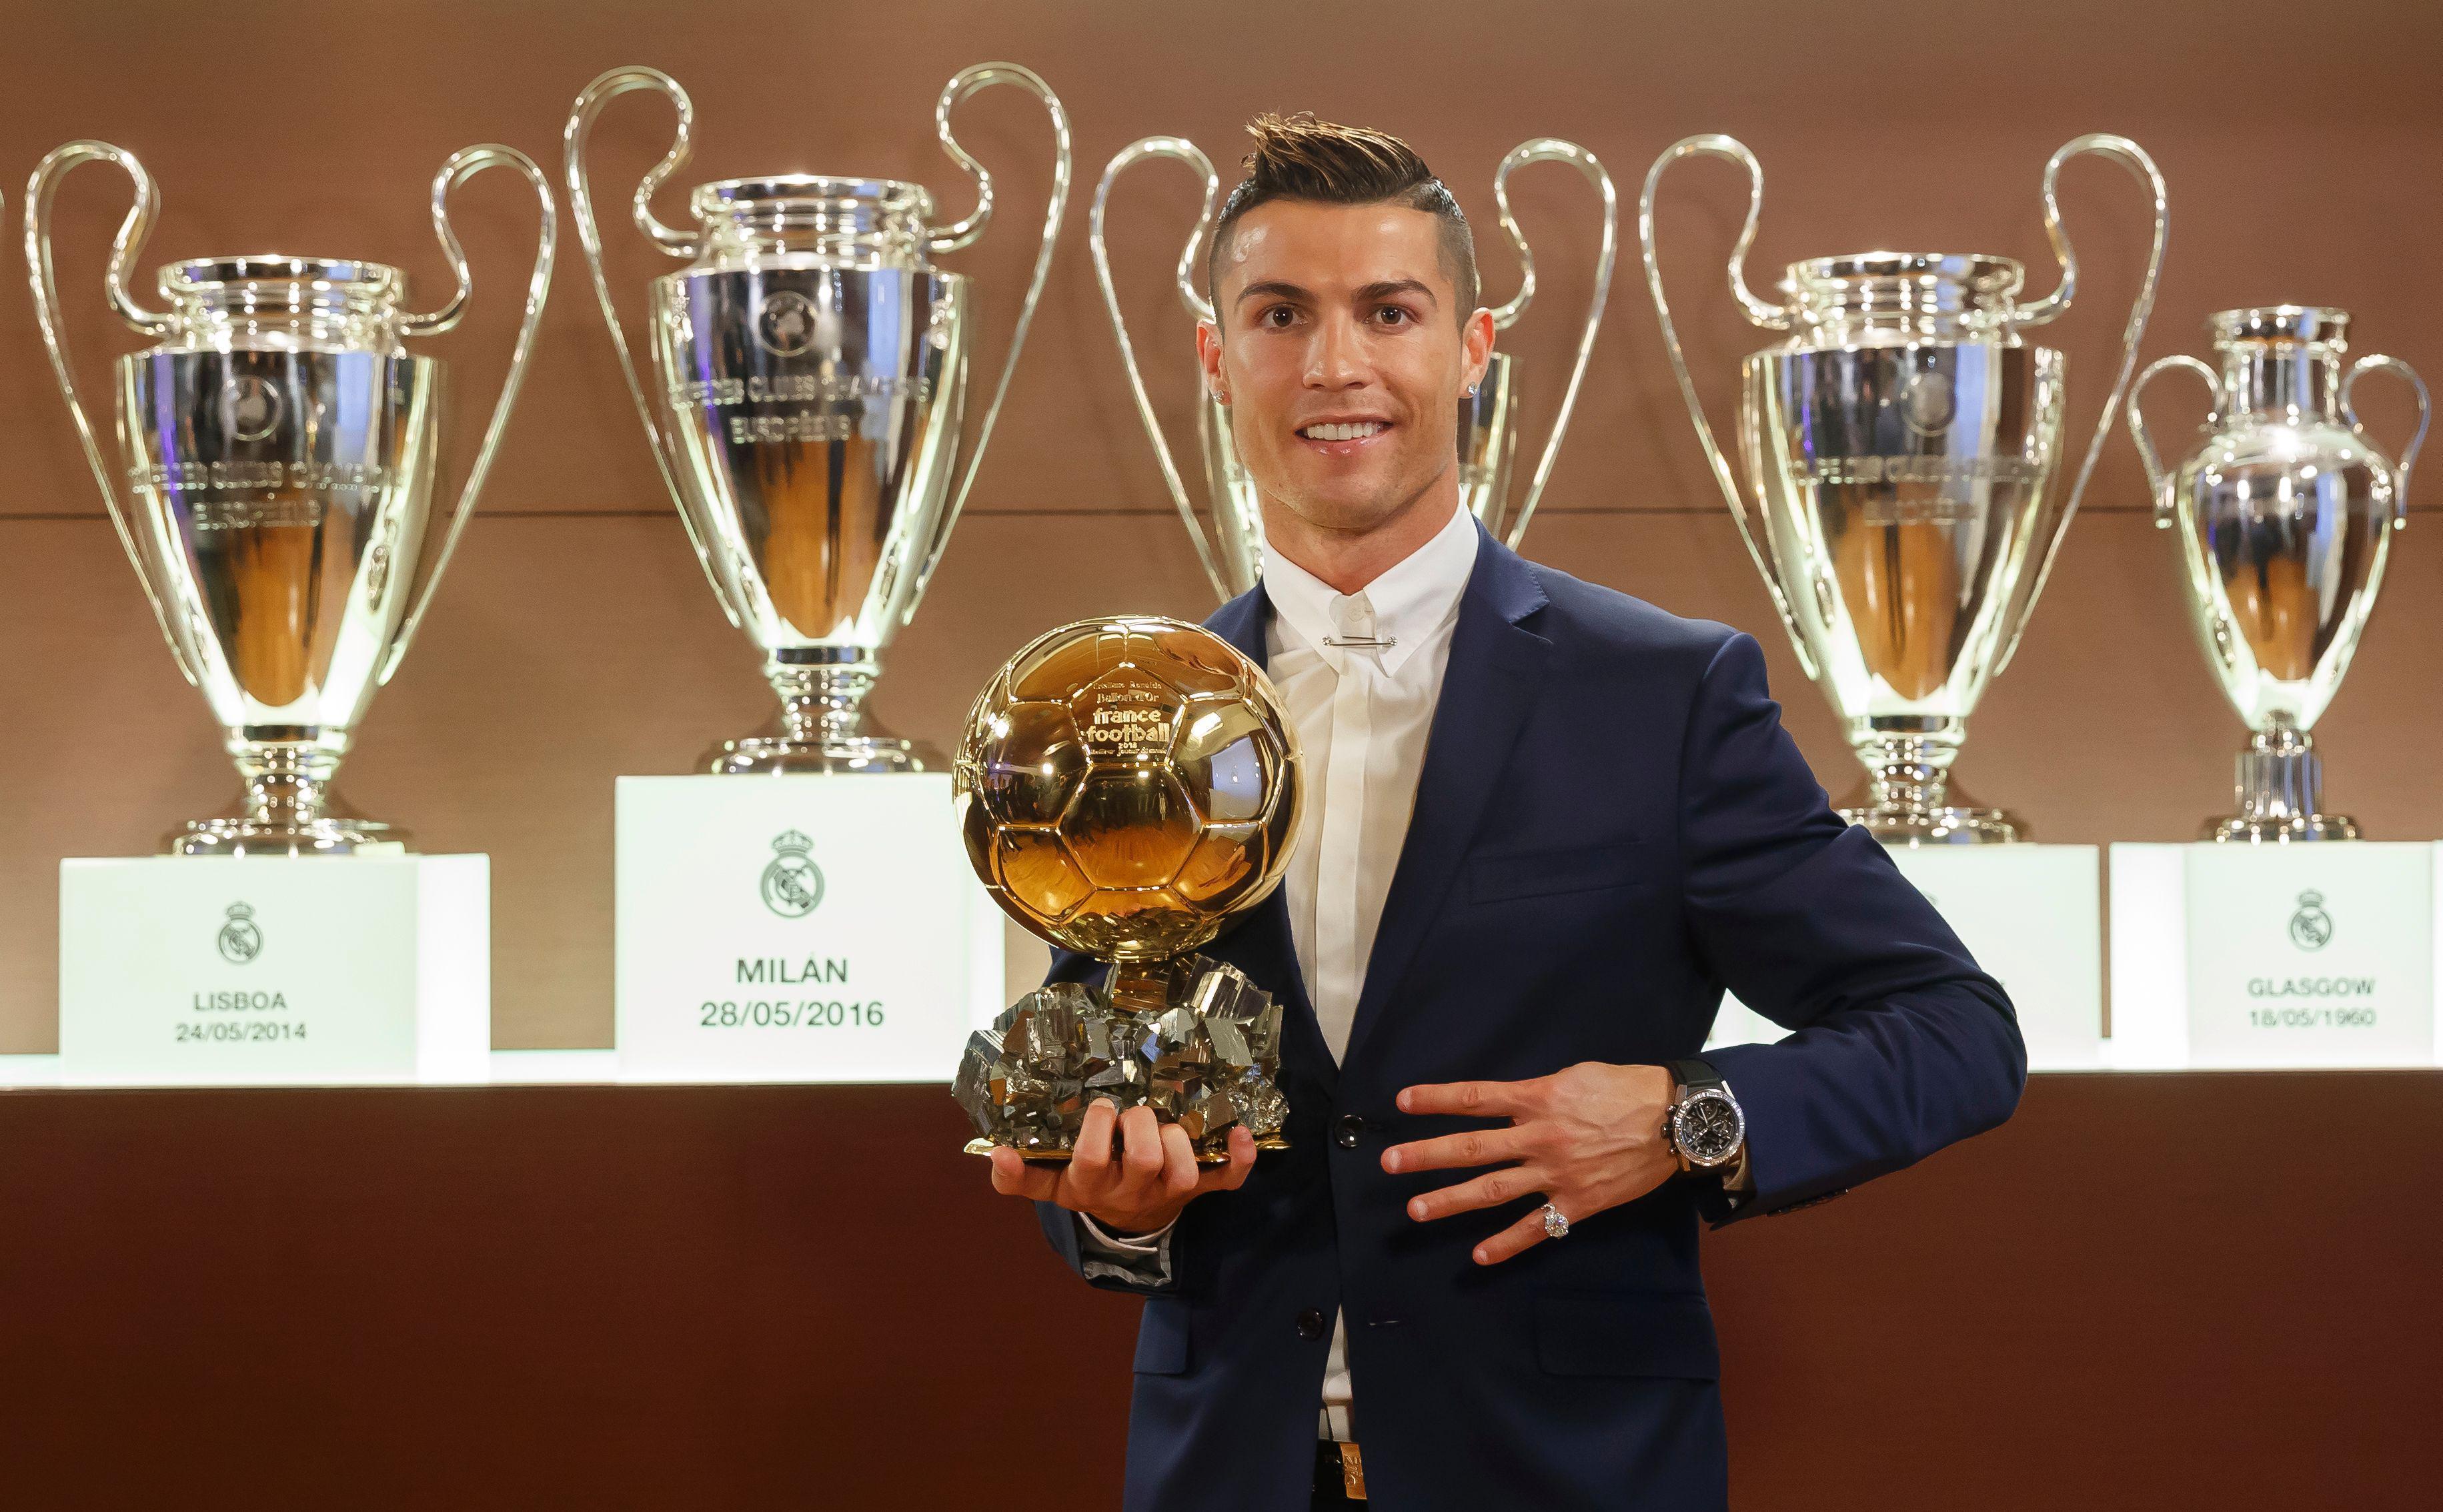 Cristiano Ronaldo won the 2016 Ballon d'Or ahead of Lionel Messi